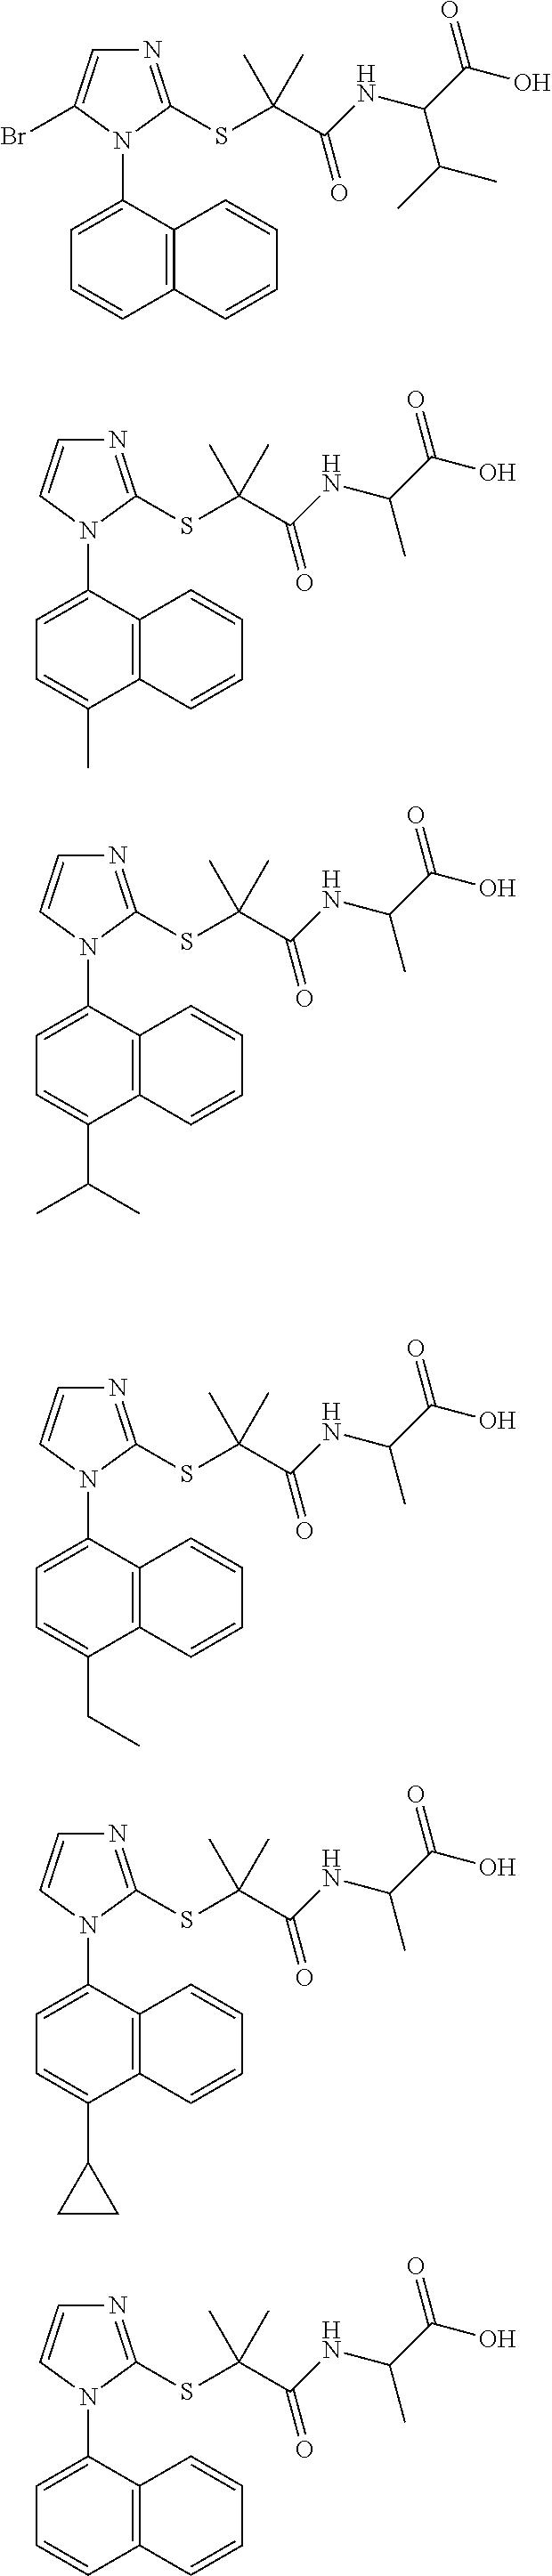 Figure US08283369-20121009-C00053